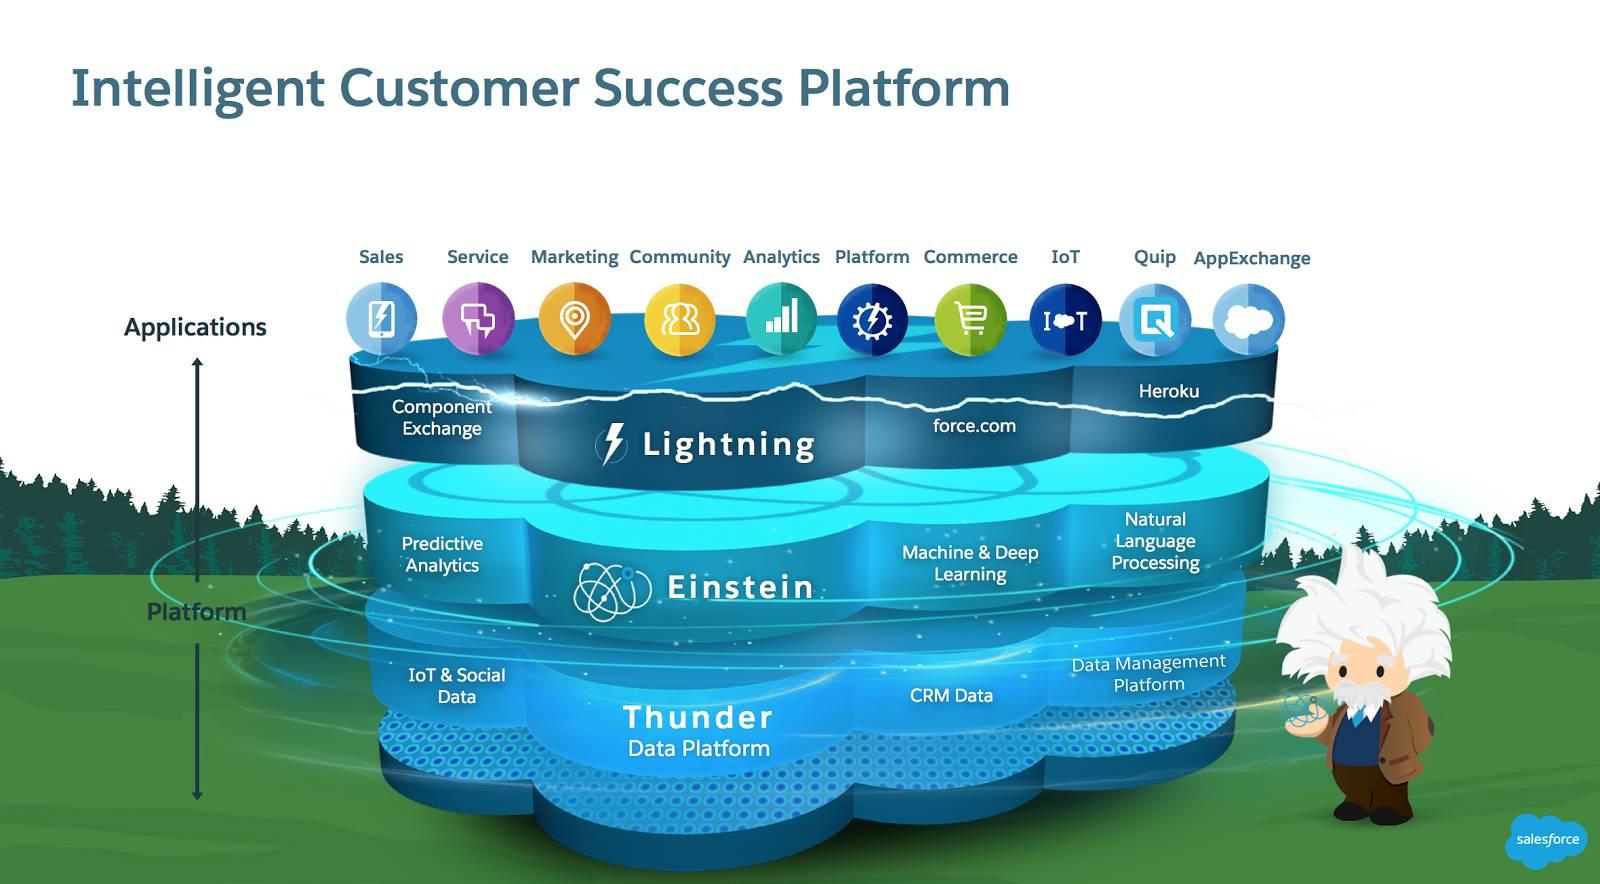 Salesforce Intelligent Customer Success Platform のデータレイヤ、インテリジェンスレイヤ、アプリケーションレイヤを示すグラフィック。データレイヤには、IoT、ソーシャルメディア、CRM、およびコアバンキングデータが含まれます。インテリジェンスレイヤには、分析、機械学習と深層学習、自然言語処理が含まれます。アプリケーションレイヤには、セールス、サービス、マーケティング、コミュニティ、Analytics、プラットフォーム、コマース、IoT、Quip、AppExchange が含まれます。